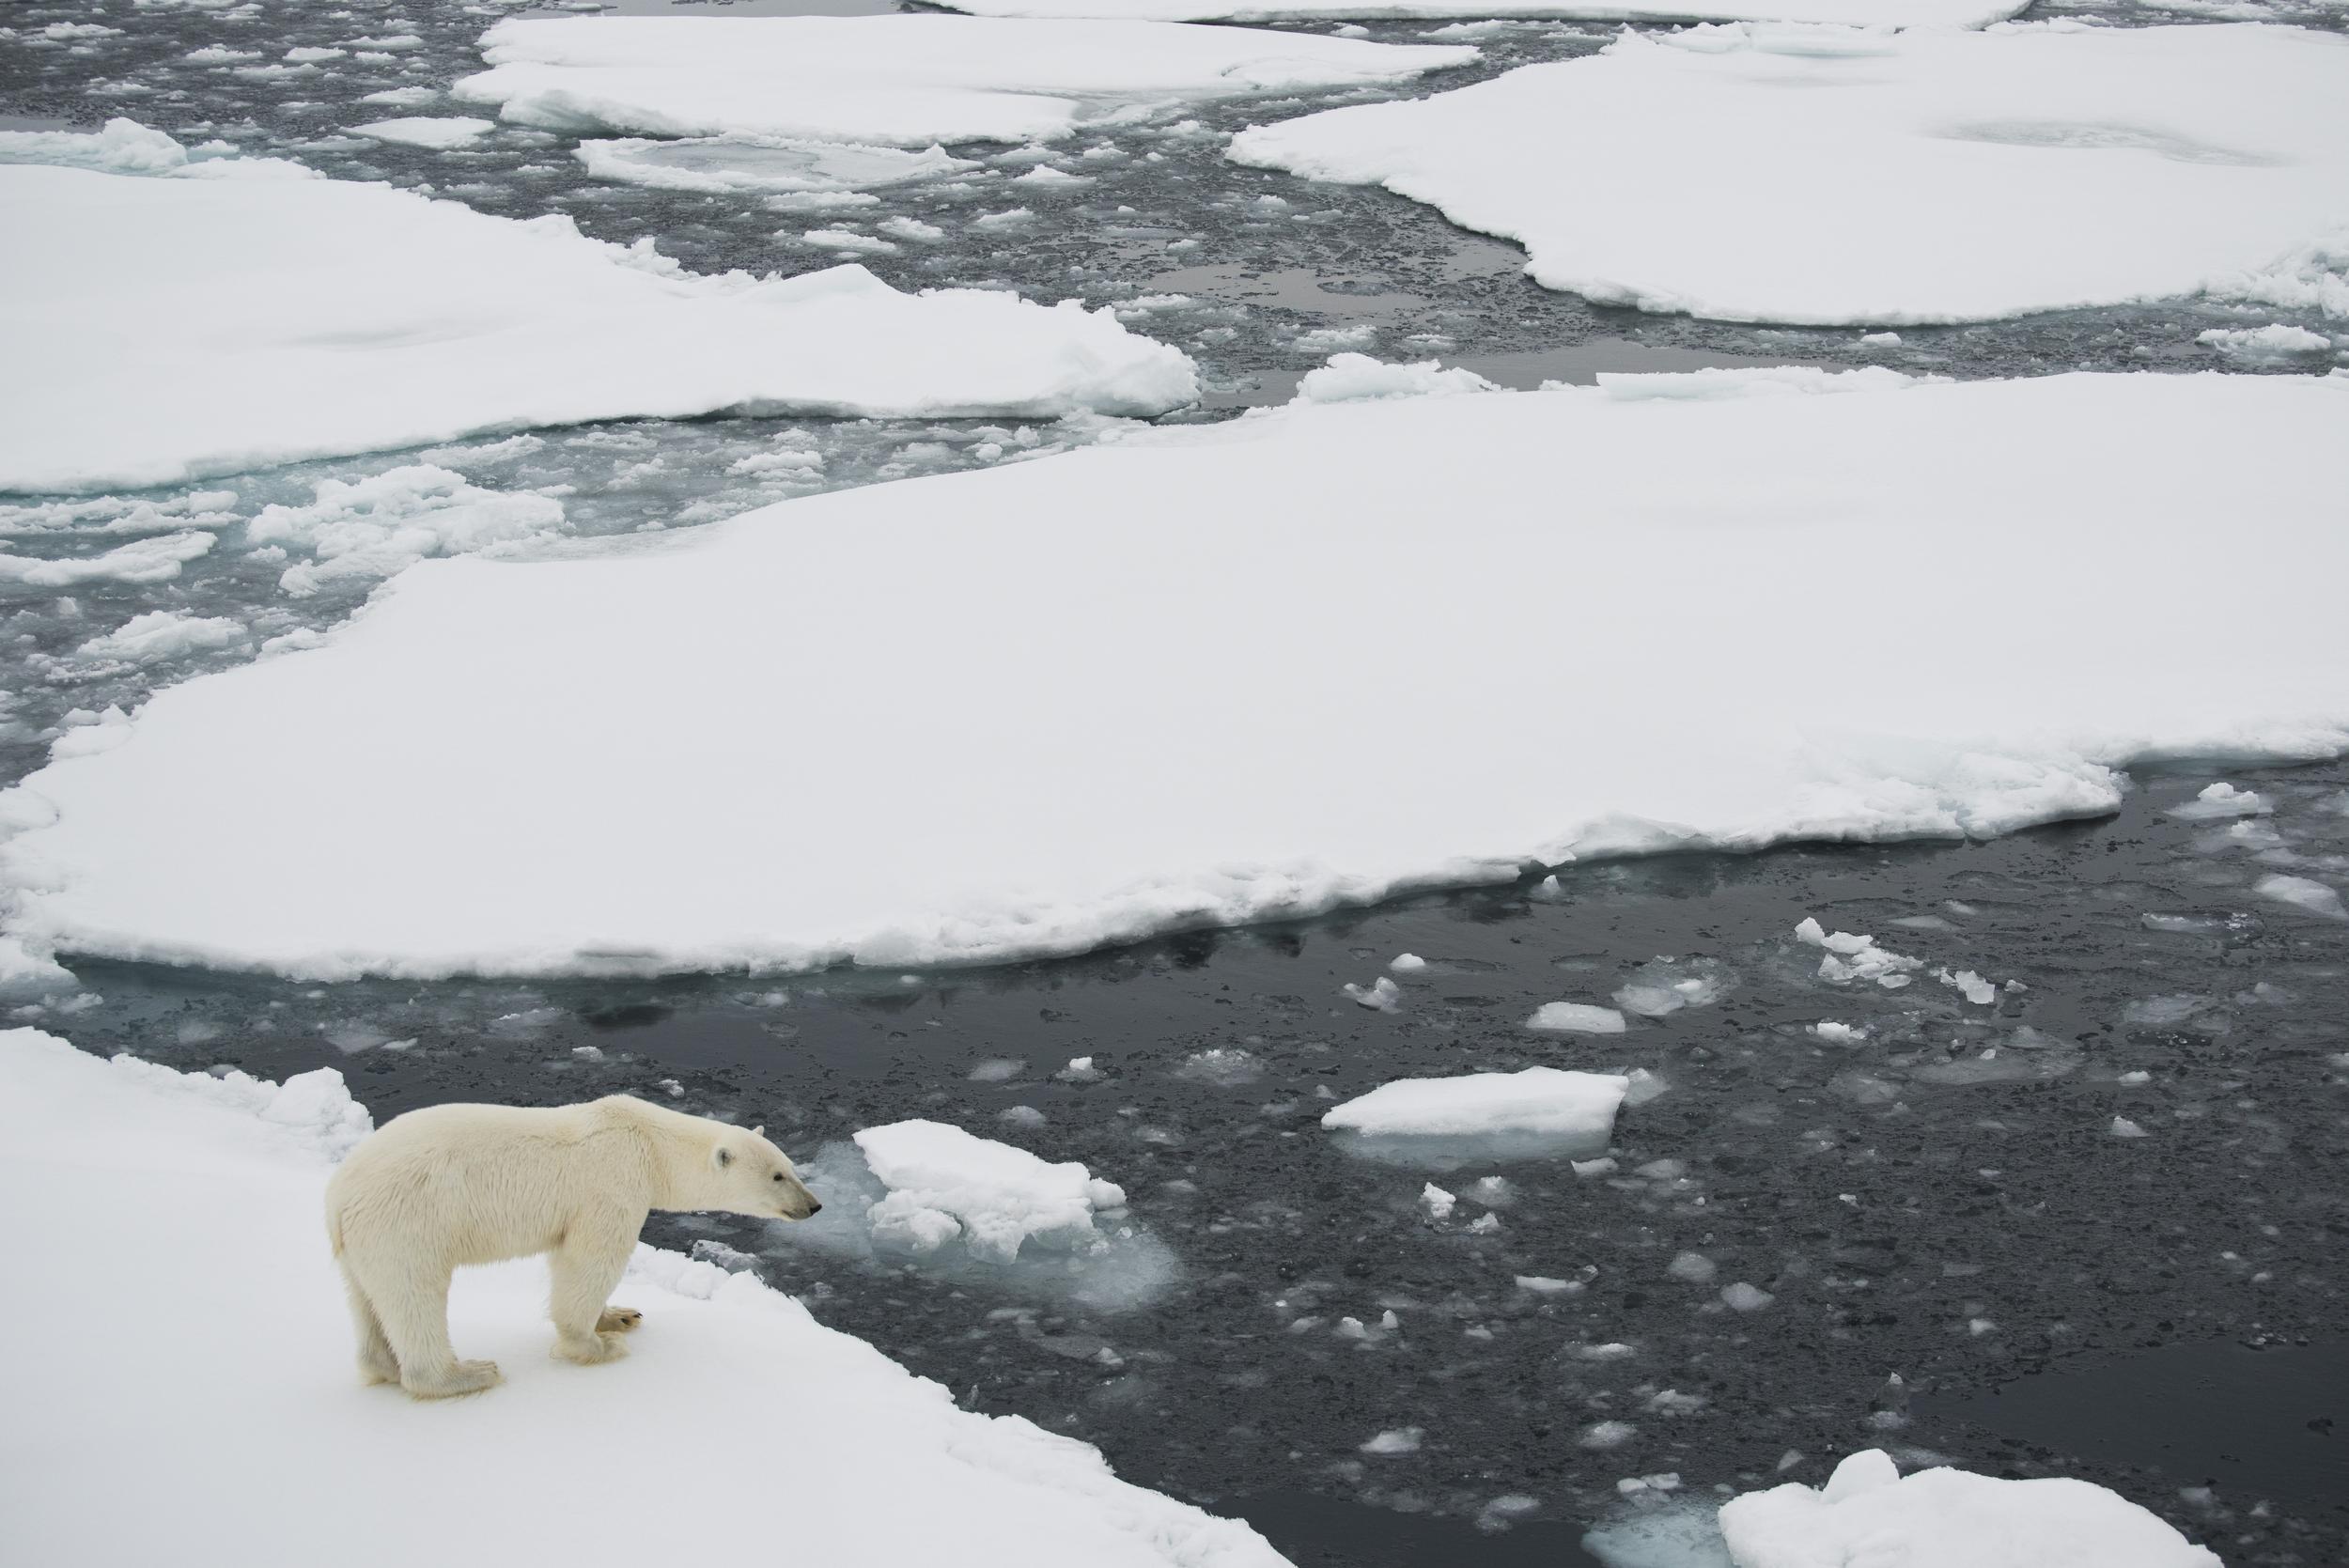 polar bear on edge of ice